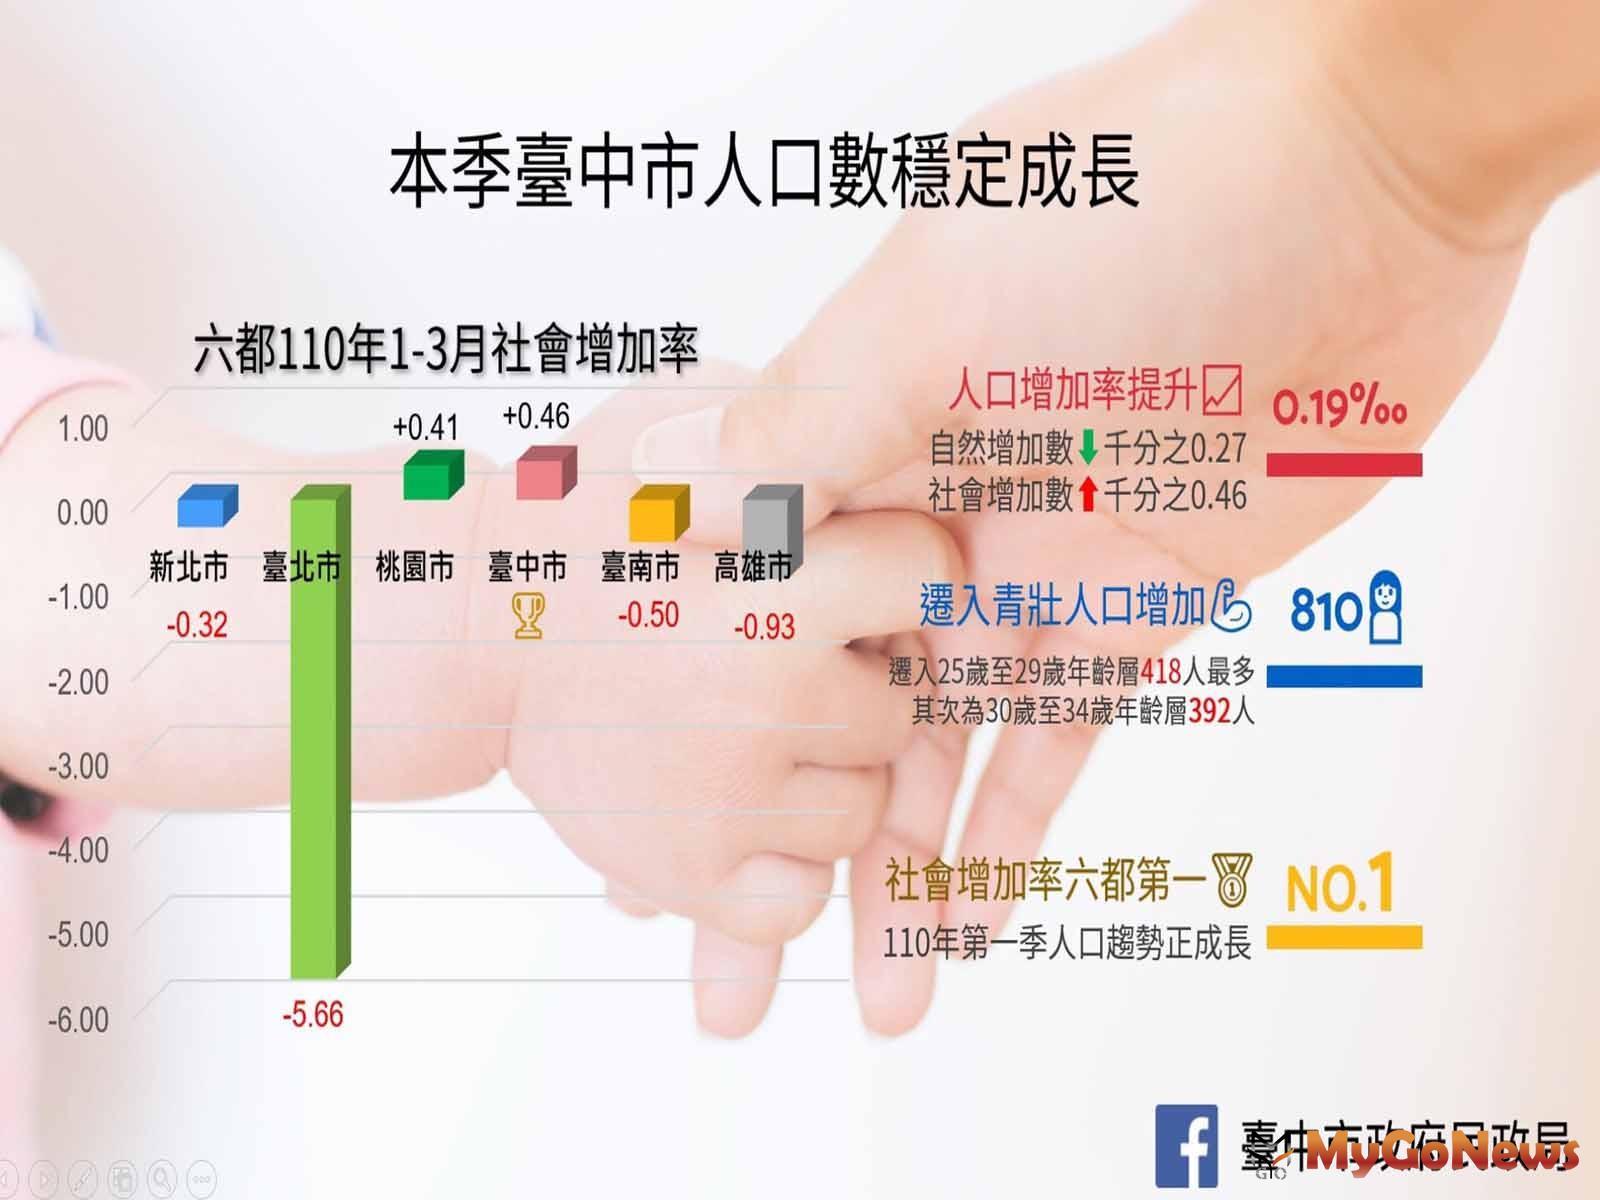 移居台中宜居城,中市2021年第1季人口社會增加數六都第一(圖/台中市政府) MyGoNews房地產新聞 區域情報